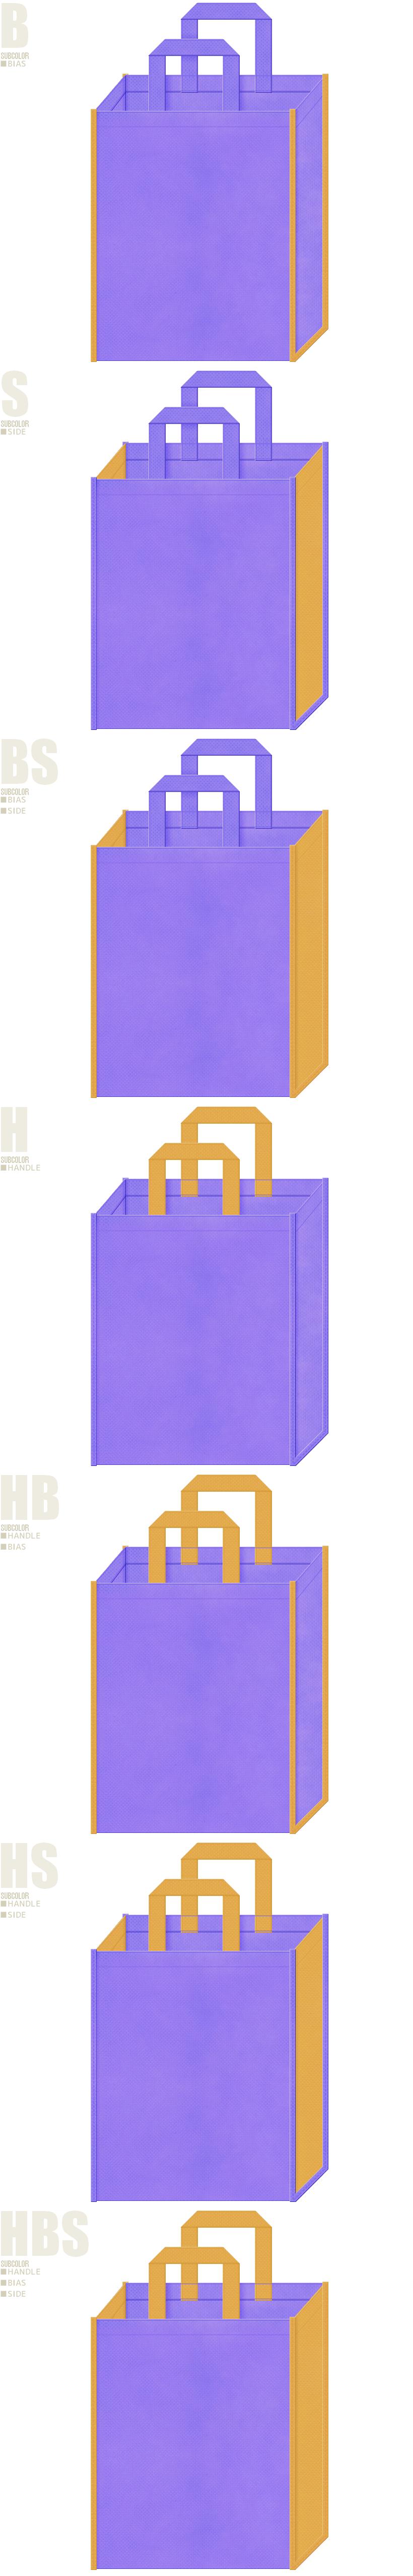 明るめの紫色と黄土色、7パターンの不織布トートバッグ配色デザイン例。